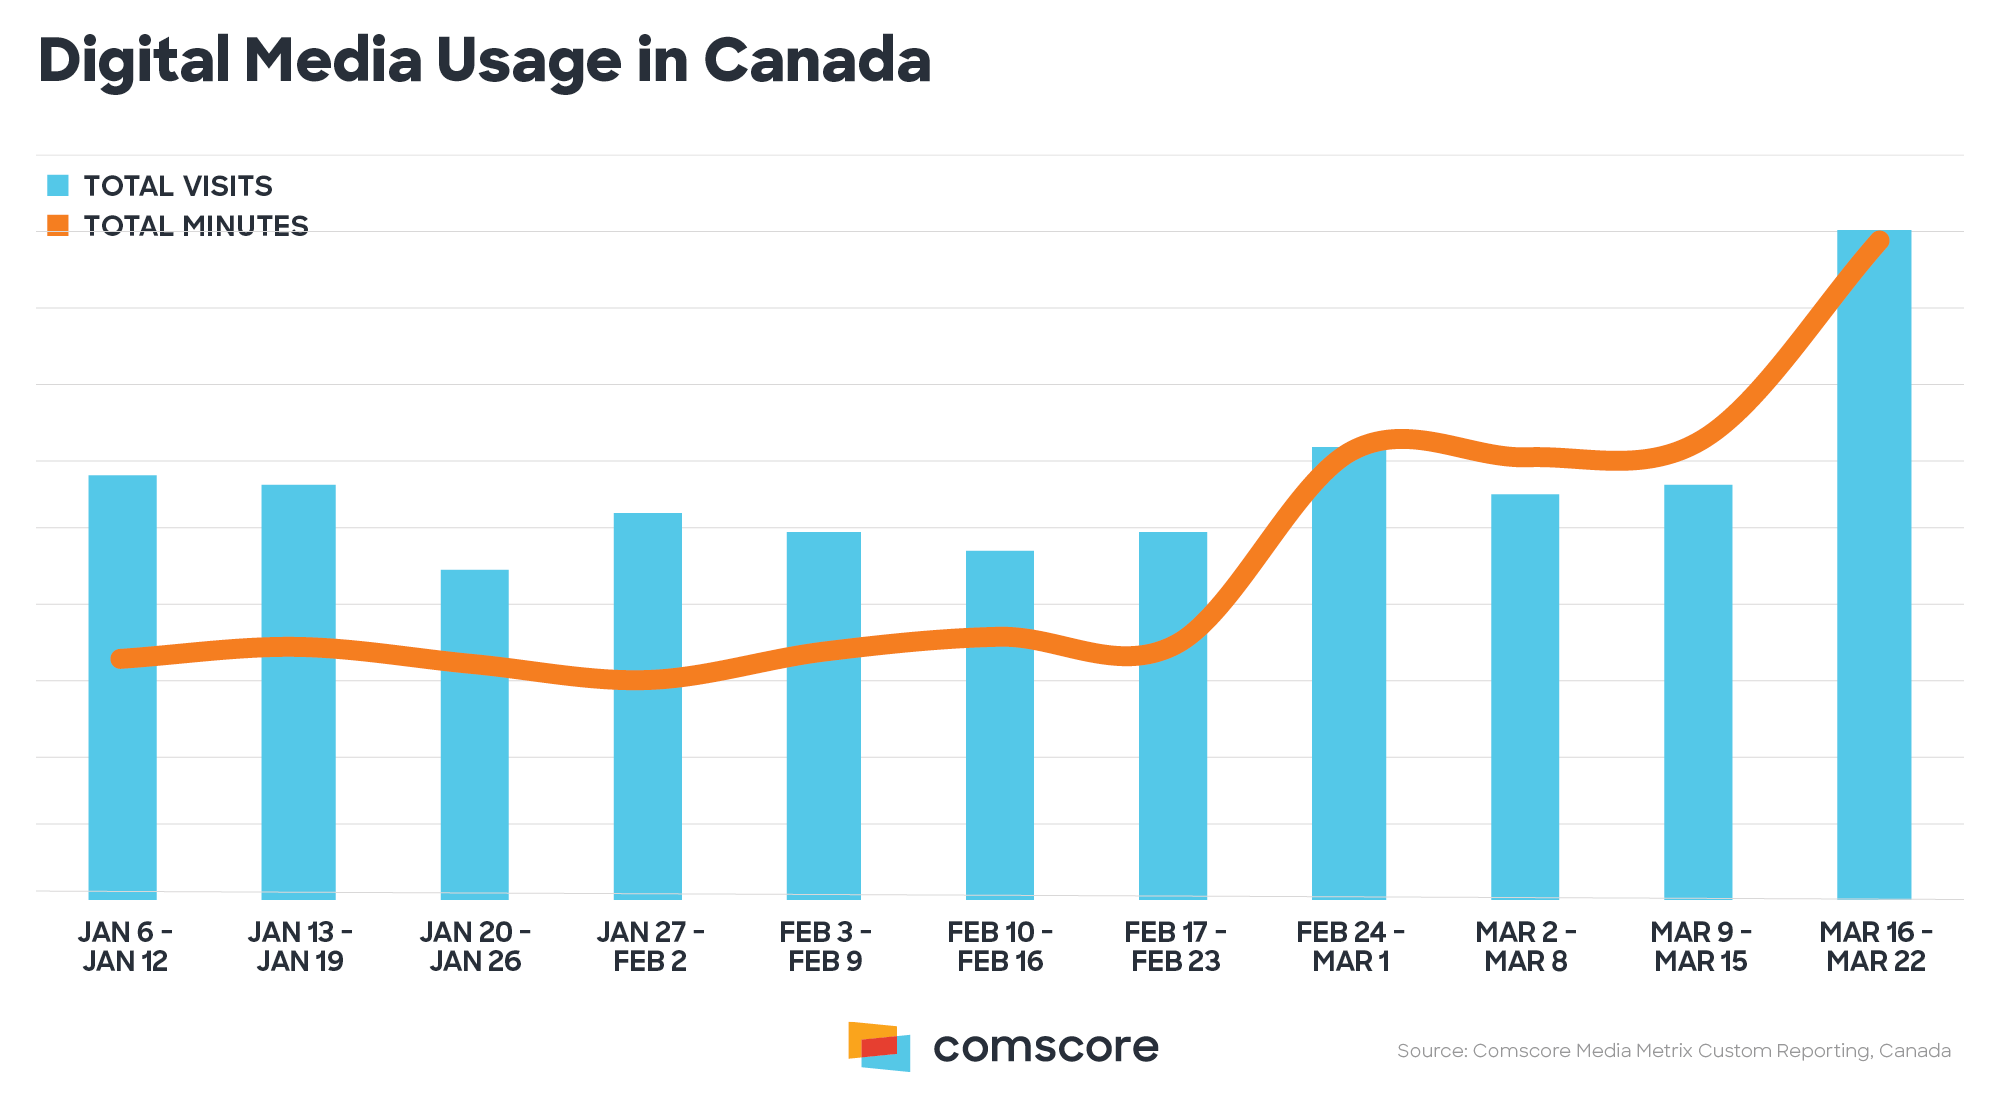 Digital Media Usage in Canada